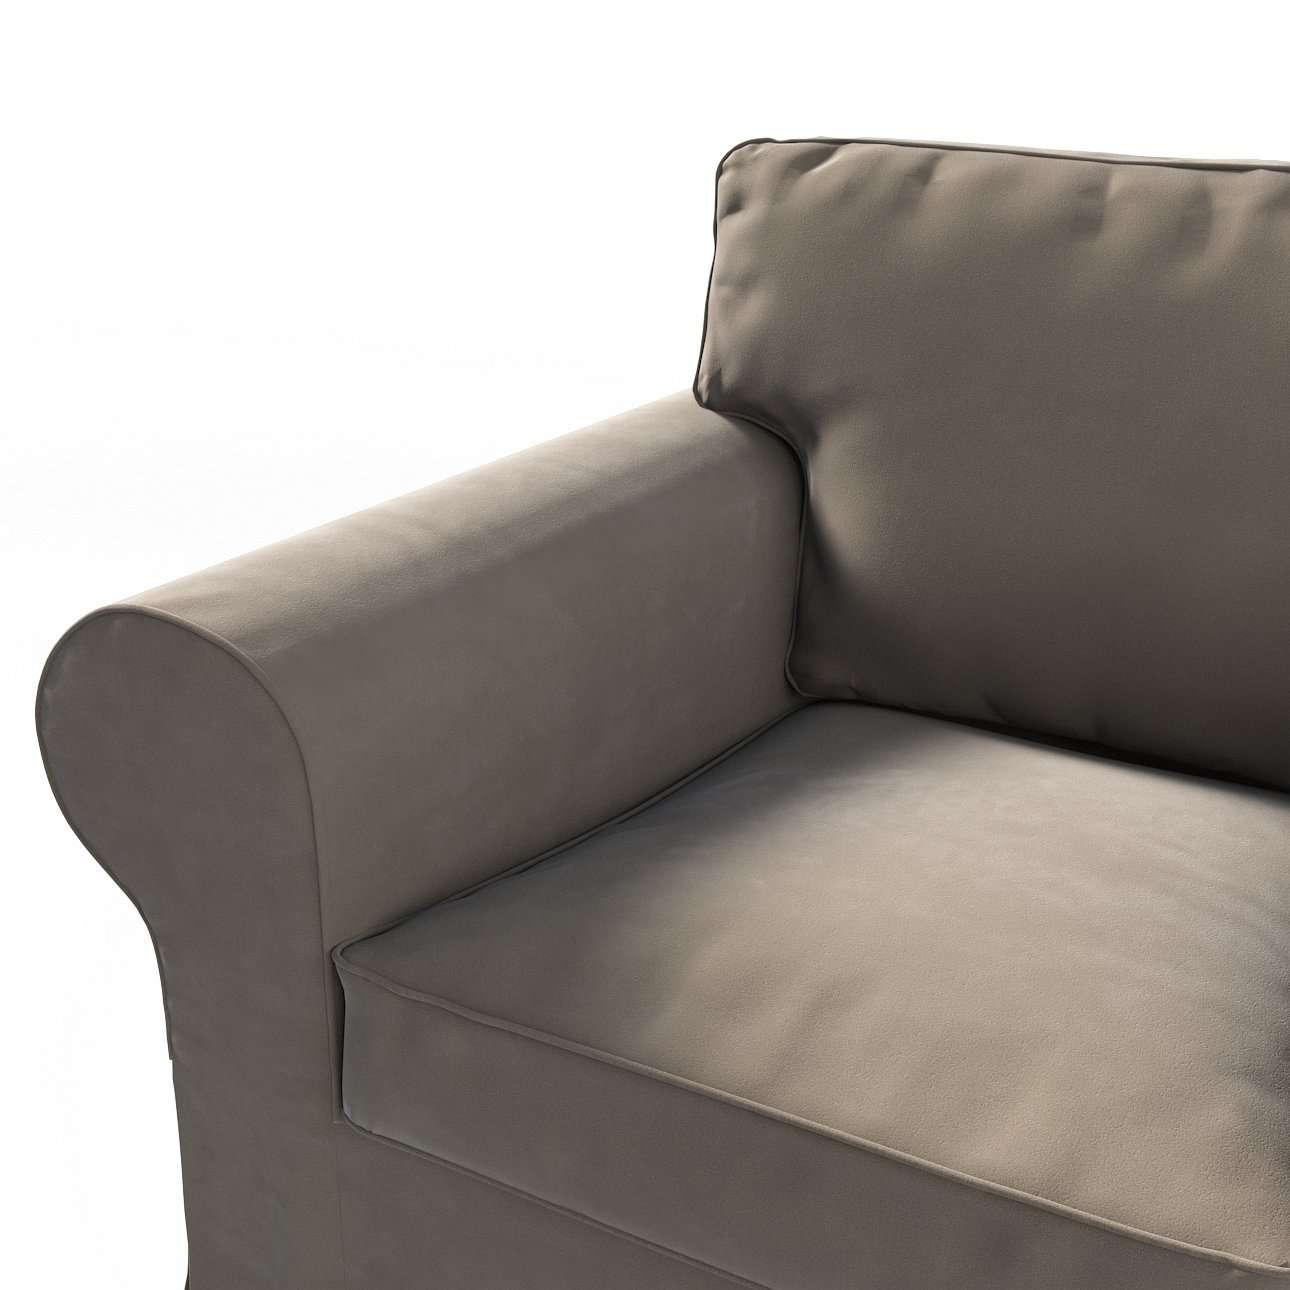 Pokrowiec na fotel Ektorp w kolekcji Velvet, tkanina: 704-19